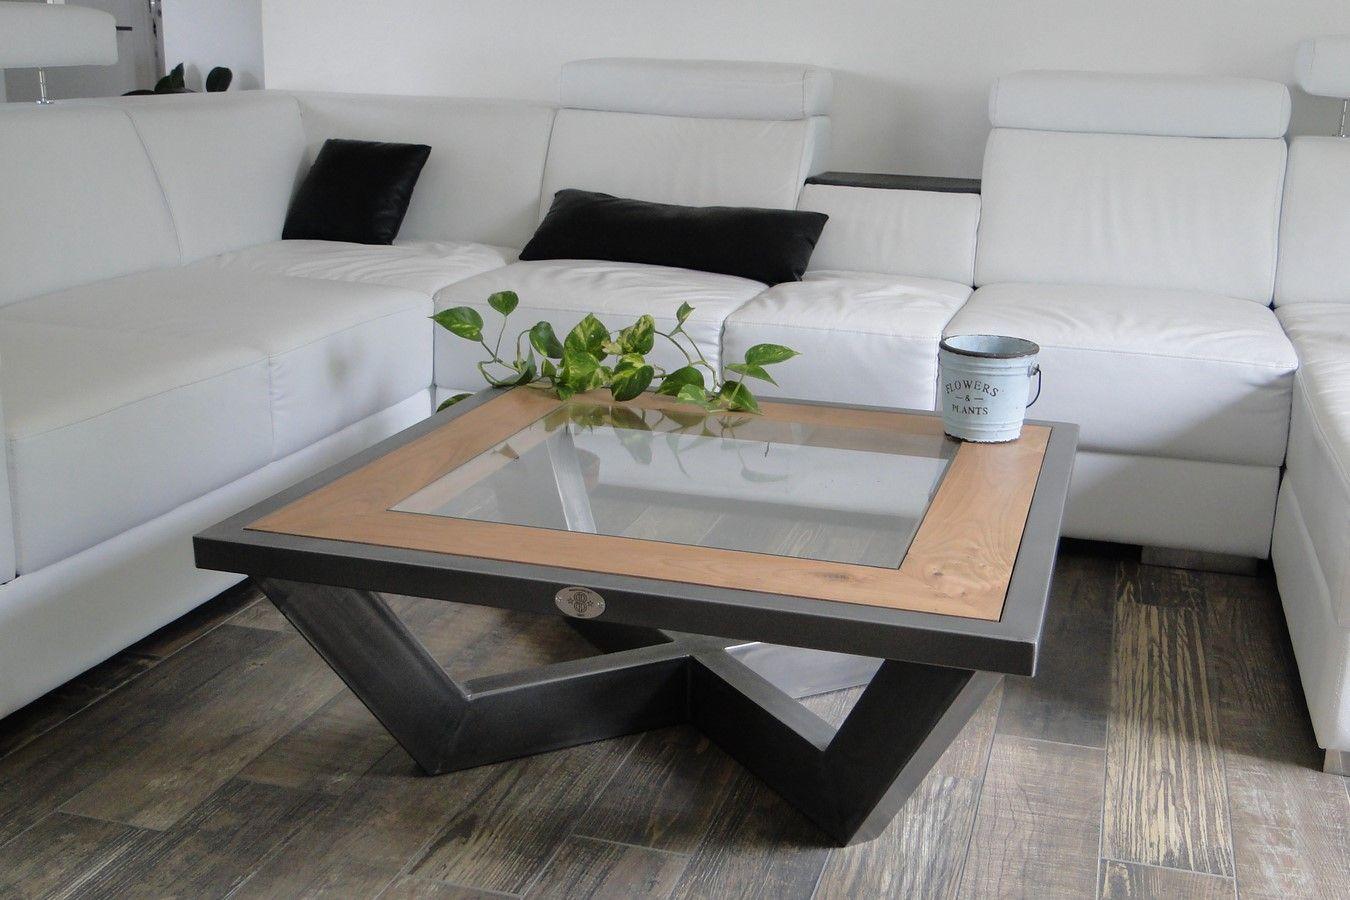 Conception Et Fabrication De Mobilier Contemporain Acier Boismetal  # Meuble Tv Artisanal